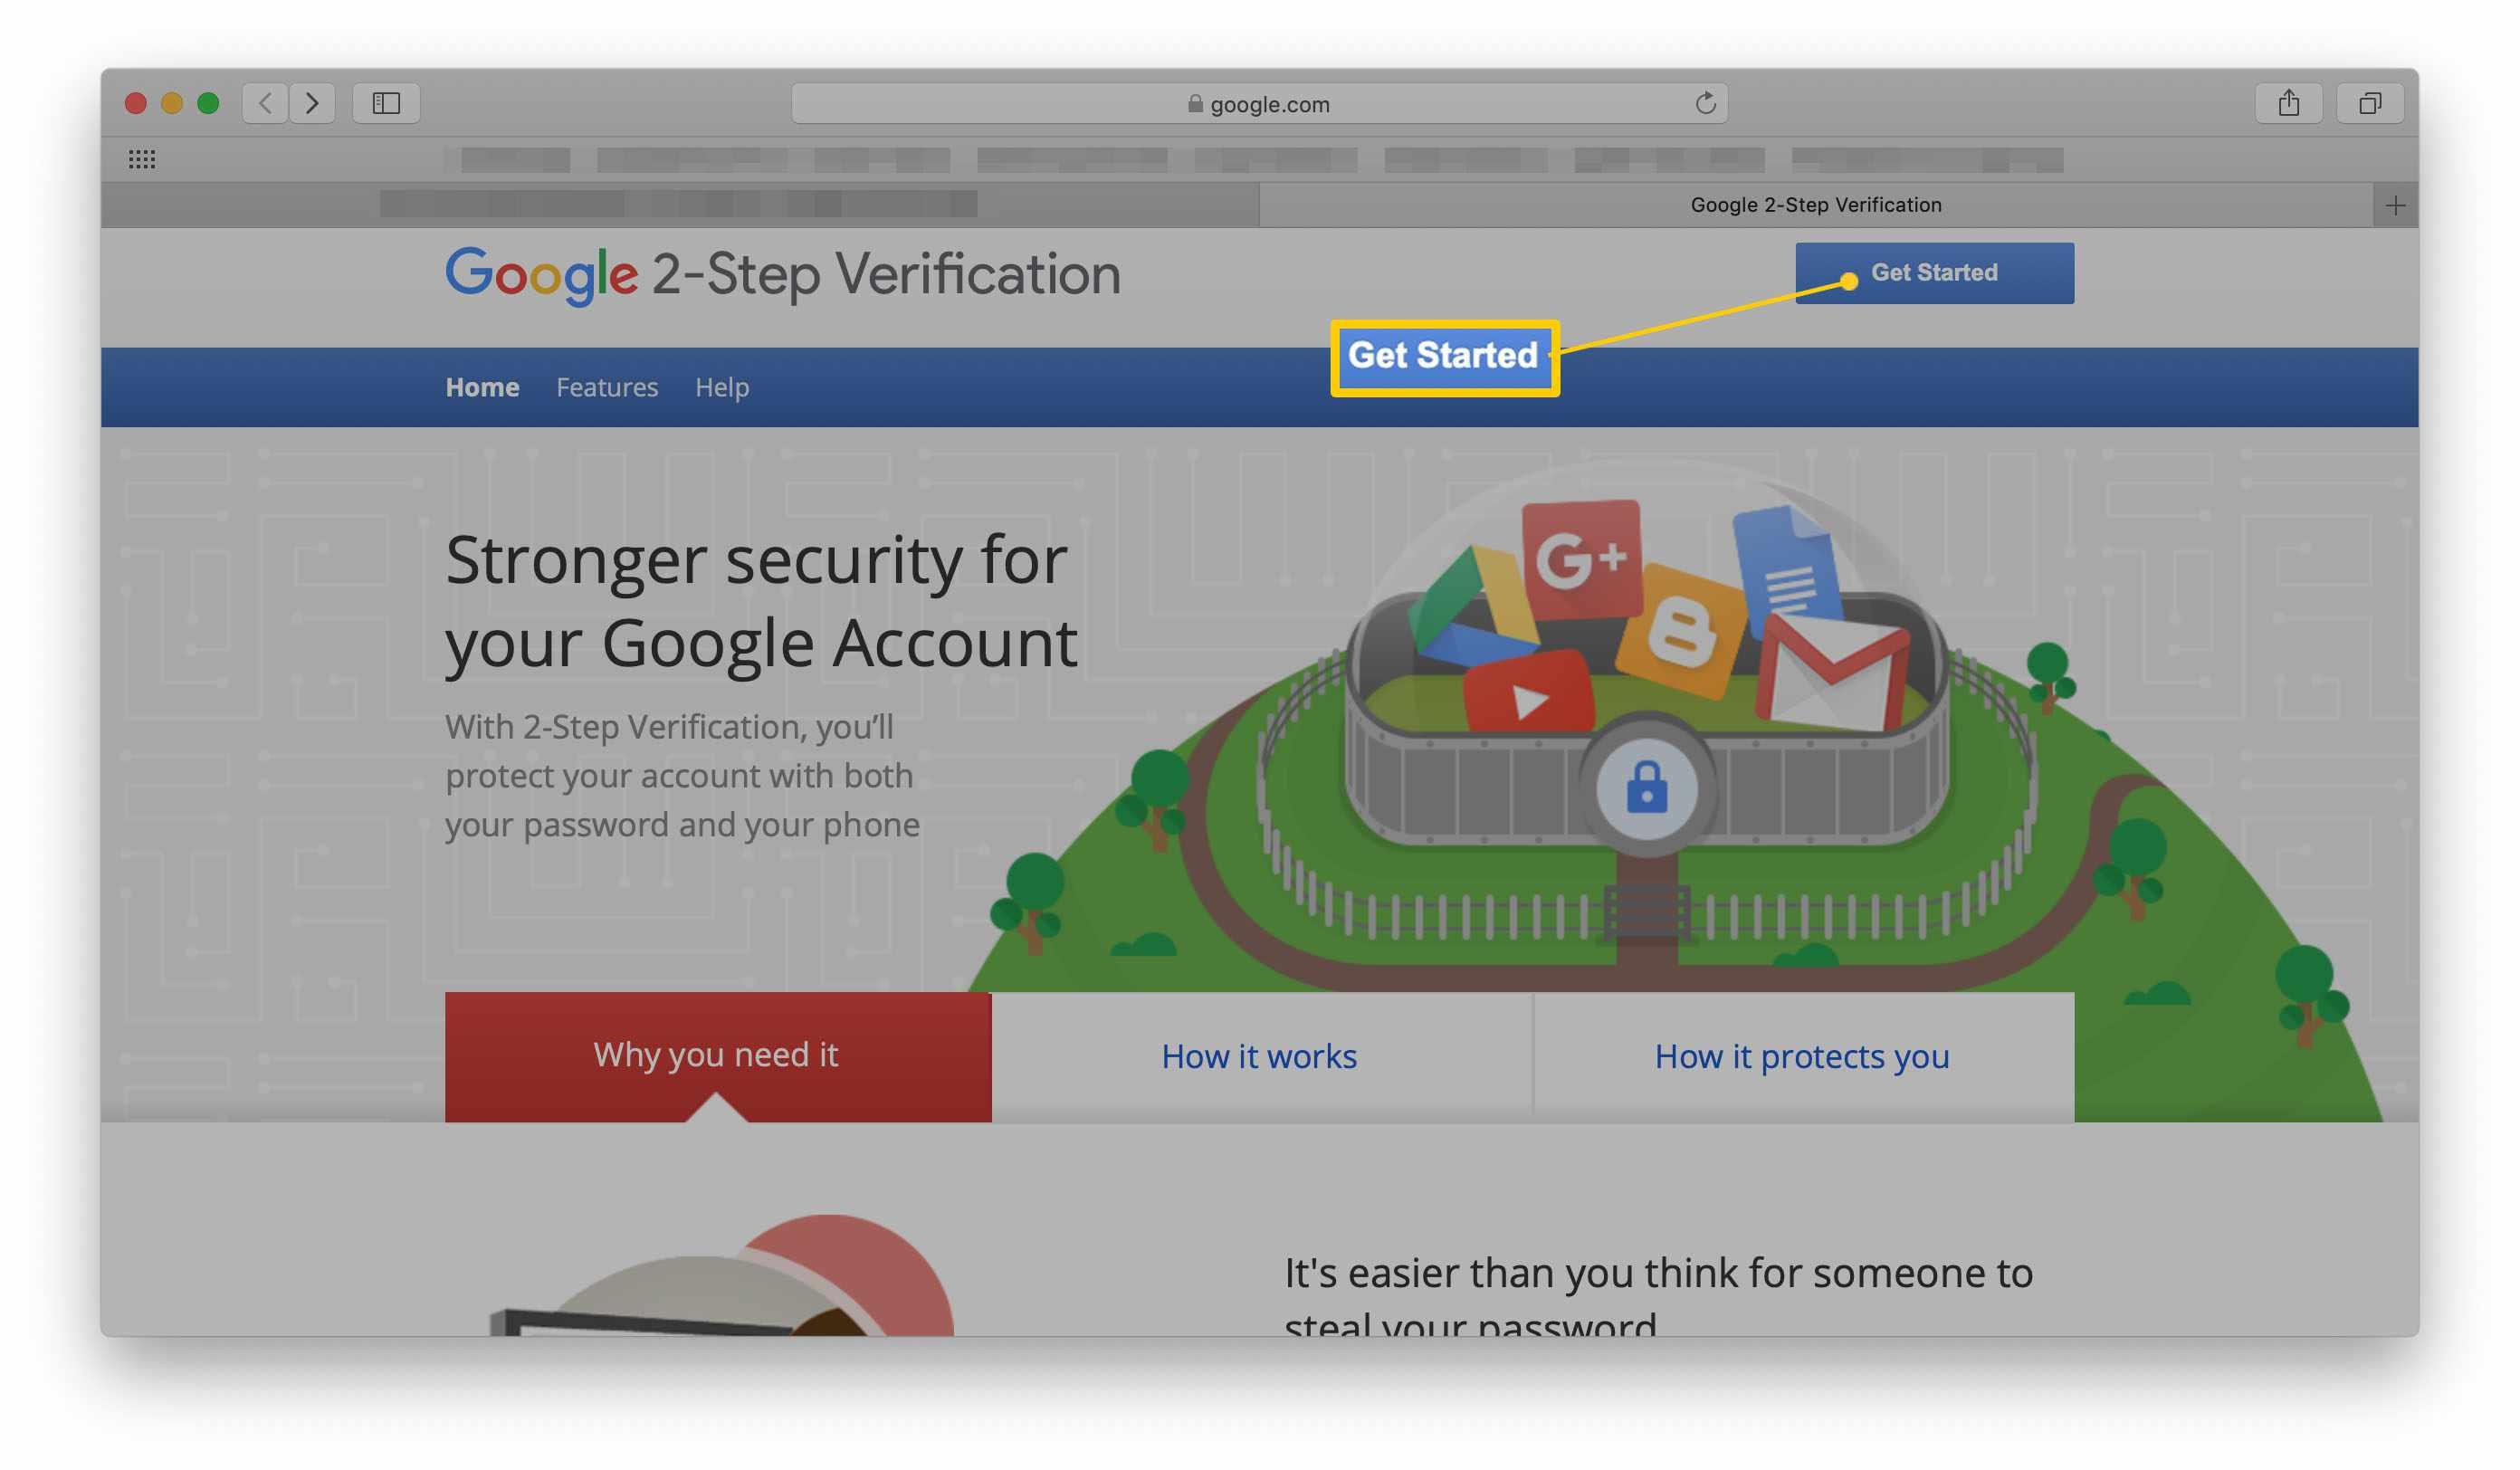 Google 2-Step Verification Setup page